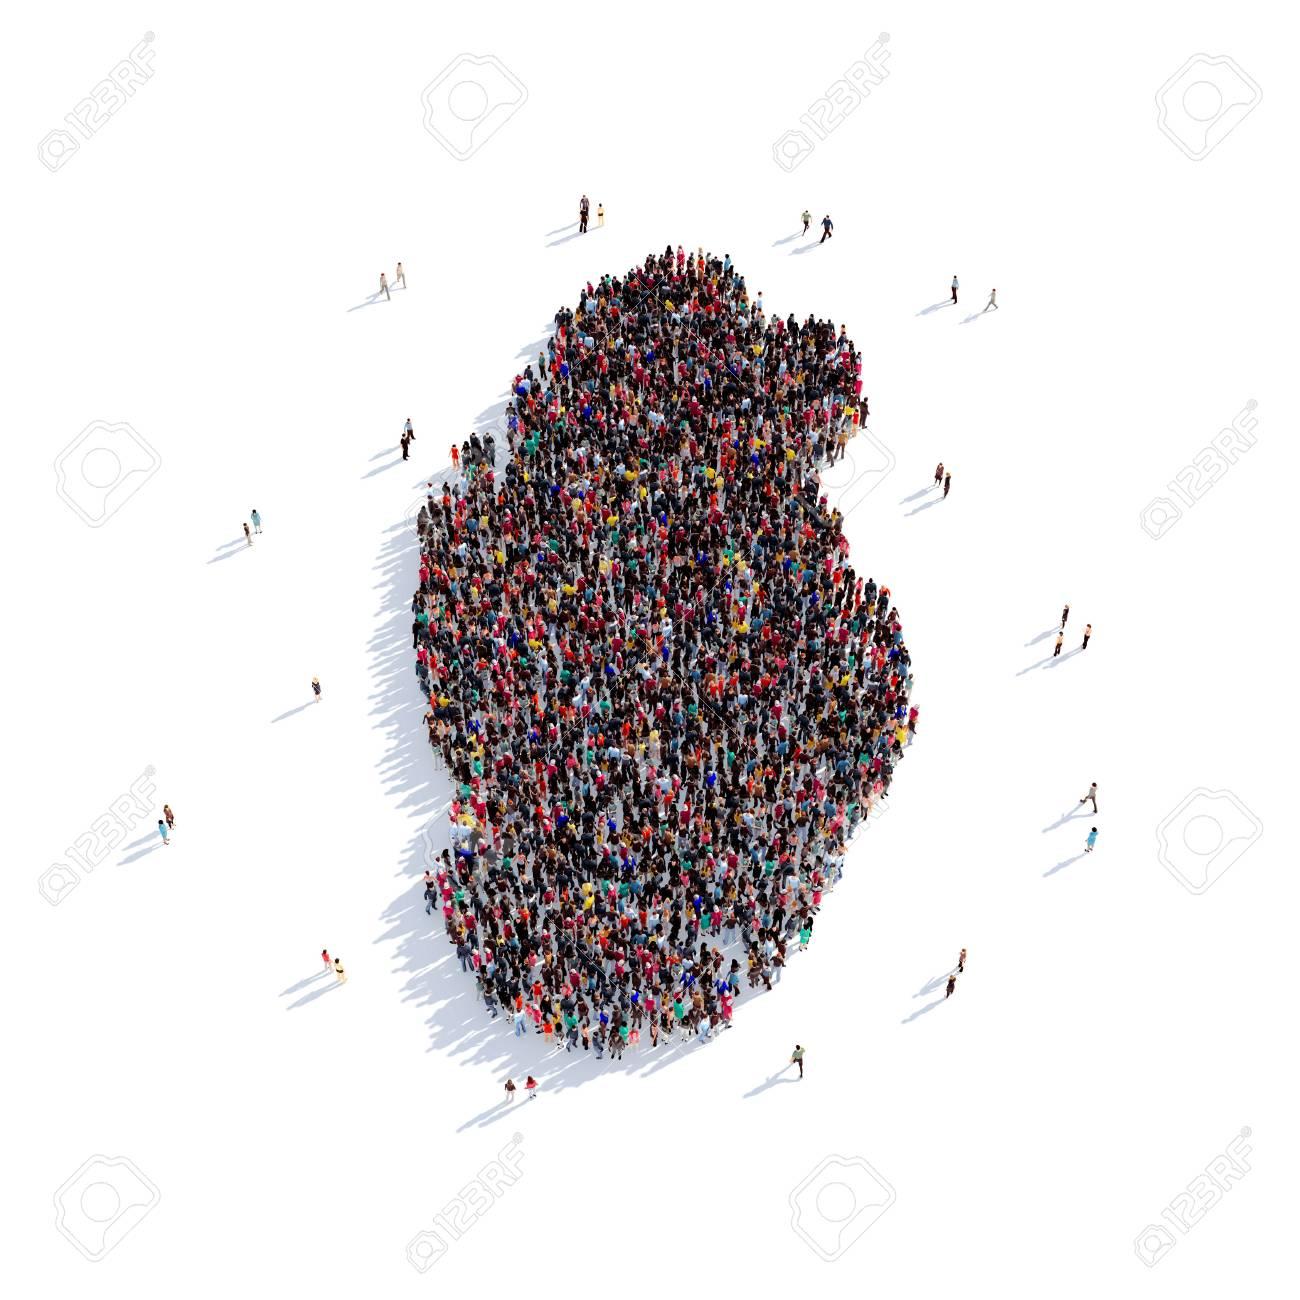 Carte Du Monde Qatar.Grand Et Creatif Groupe De Personnes Reunies Sous La Forme D Une